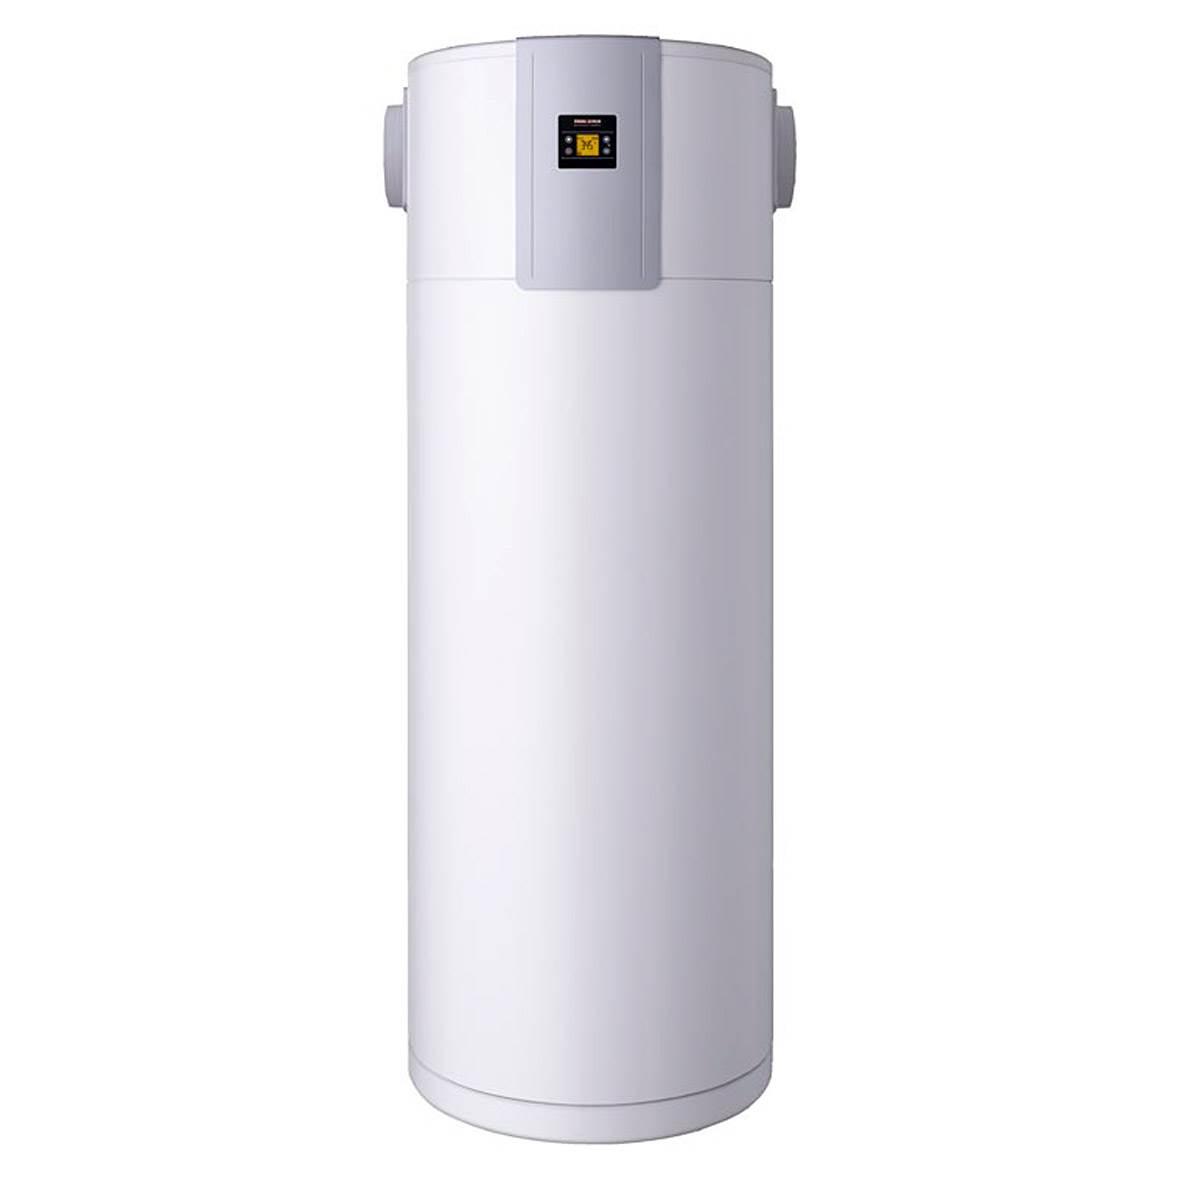 ekonomiczne podgrzewanie wody z pompa ciepla typu powietrze woda - Ekonomiczne podgrzewanie wody z pompą ciepła typu powietrze-woda